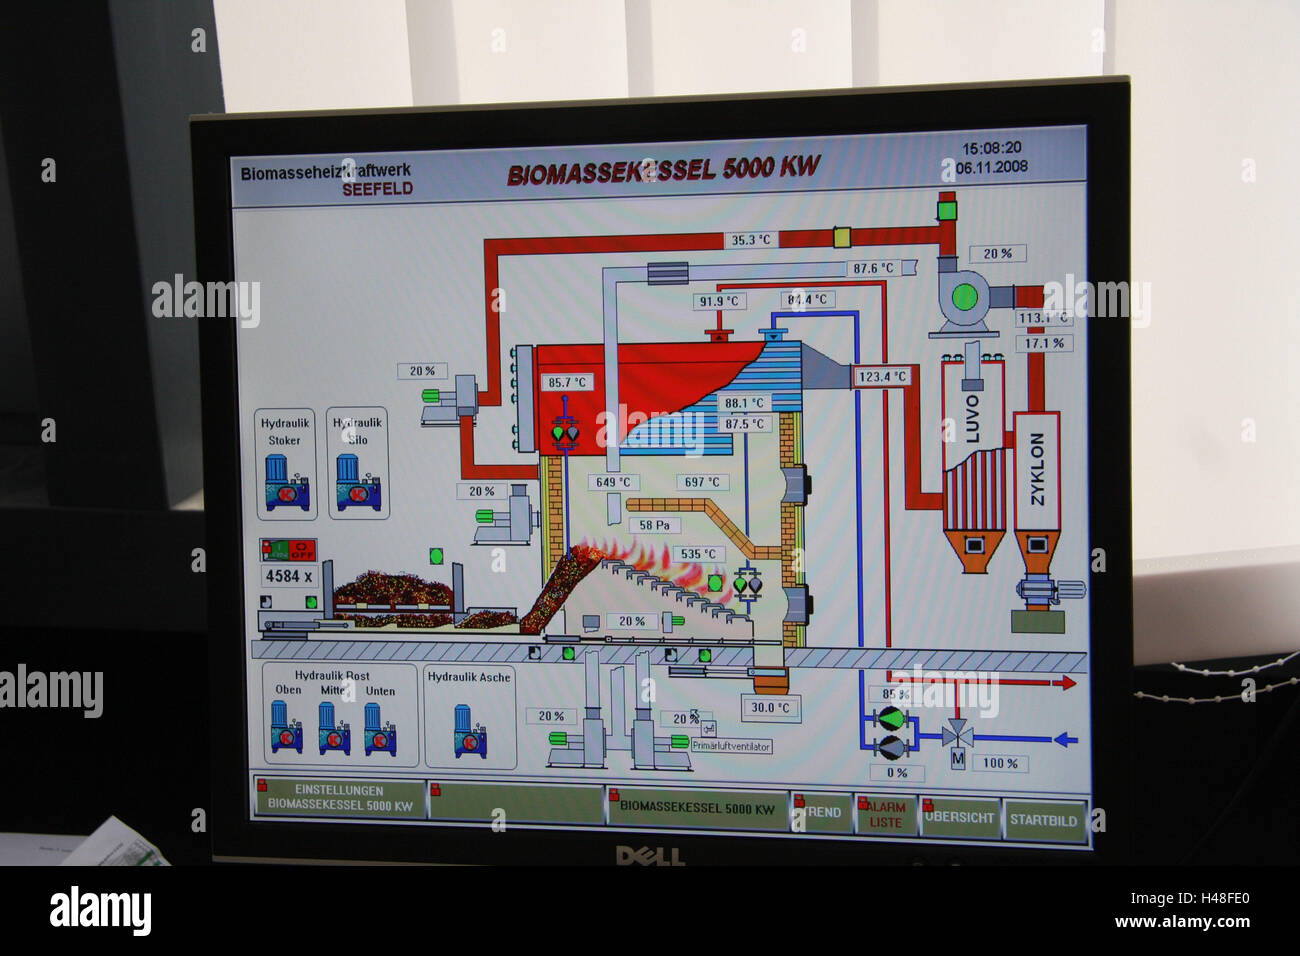 Anzeige, Darstellung, schematisch, Biomasse-Kessel, mittlere ...